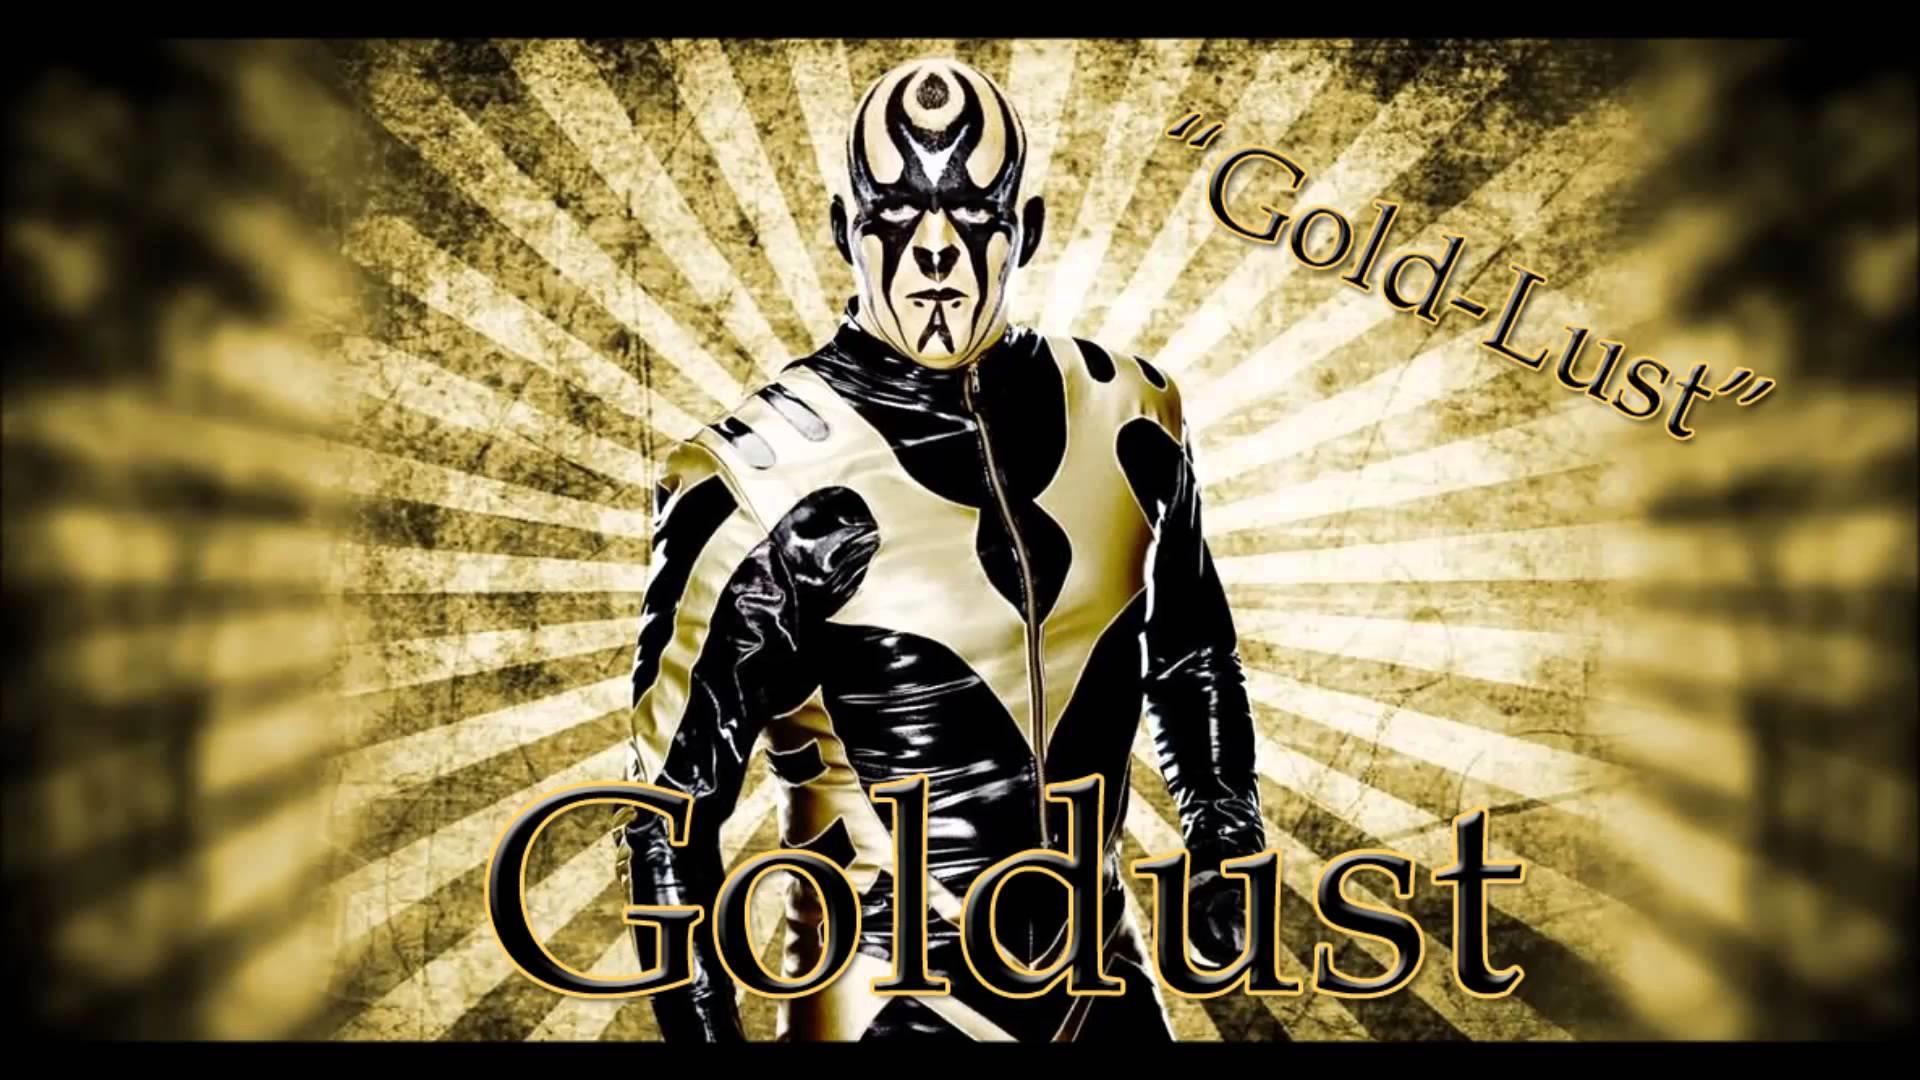 goldust wwe free desktop background